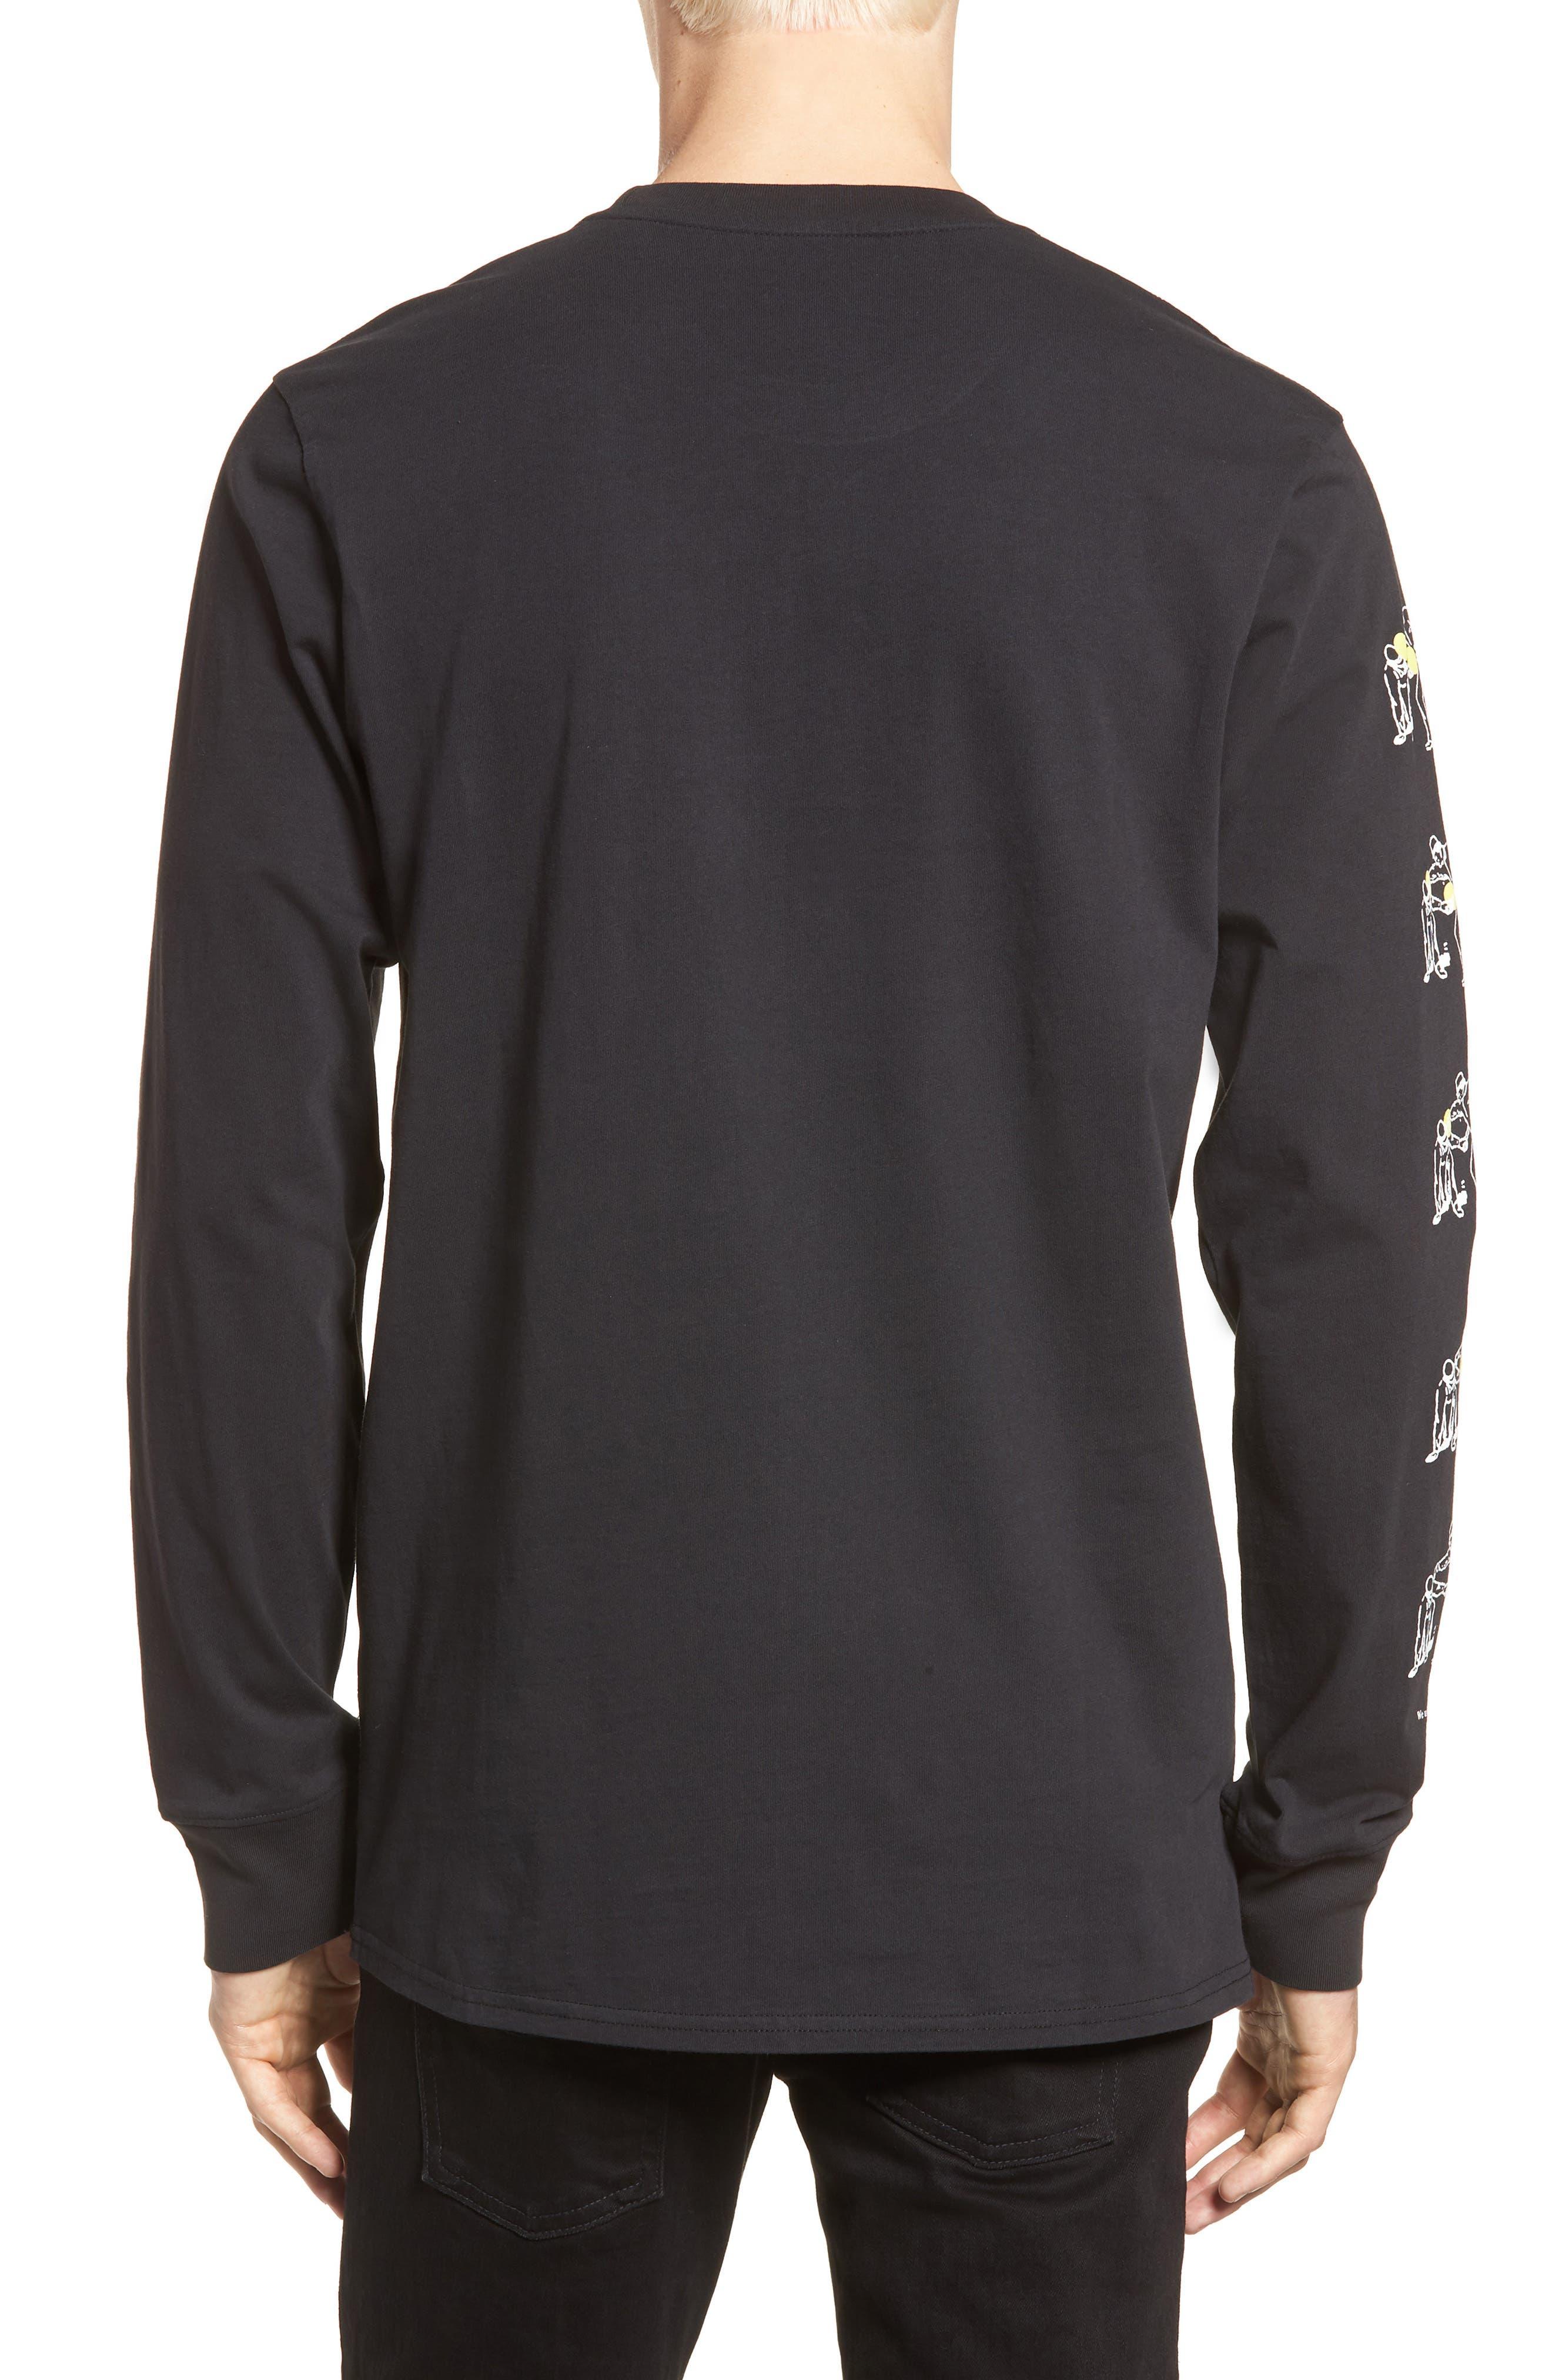 Conflict Graphic T-Shirt,                             Alternate thumbnail 2, color,                             Black